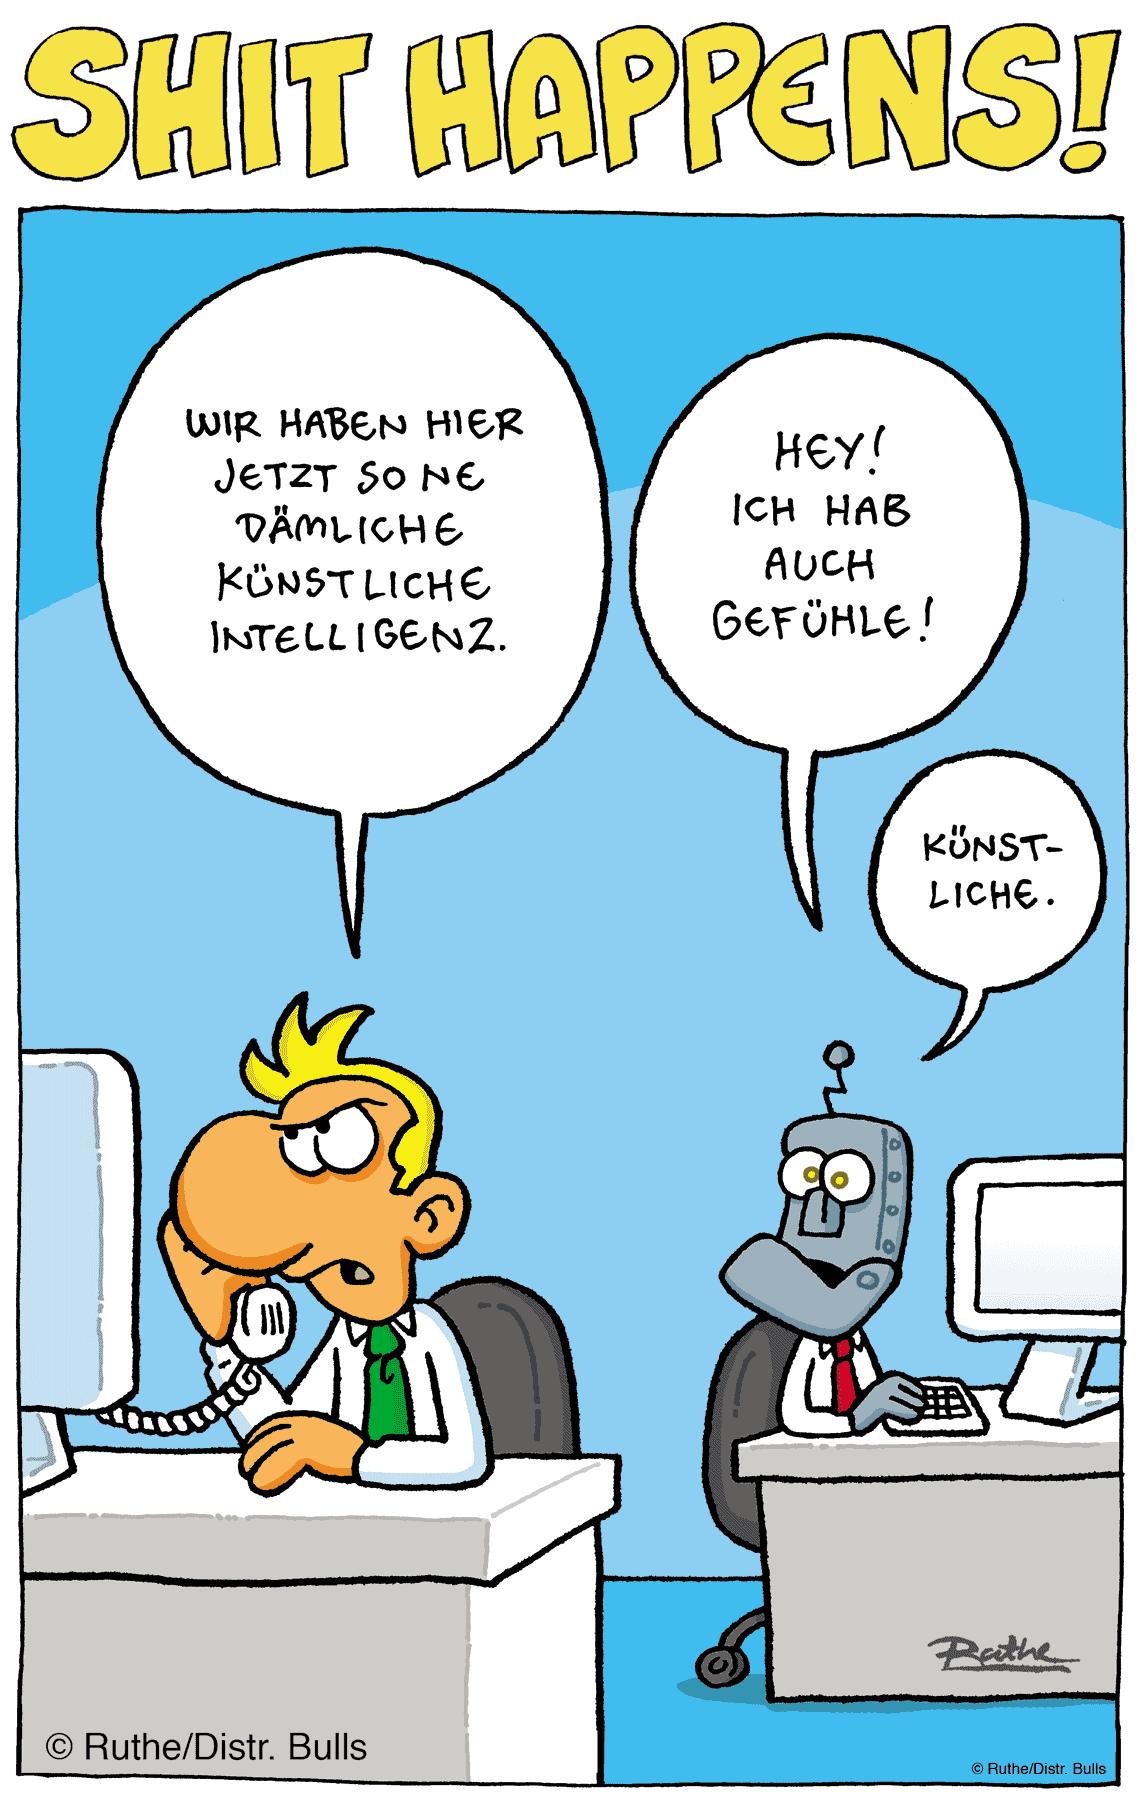 Der neue KI-Kollege hat auch Gefühle ... künstliche<q>Ralf Ruthe